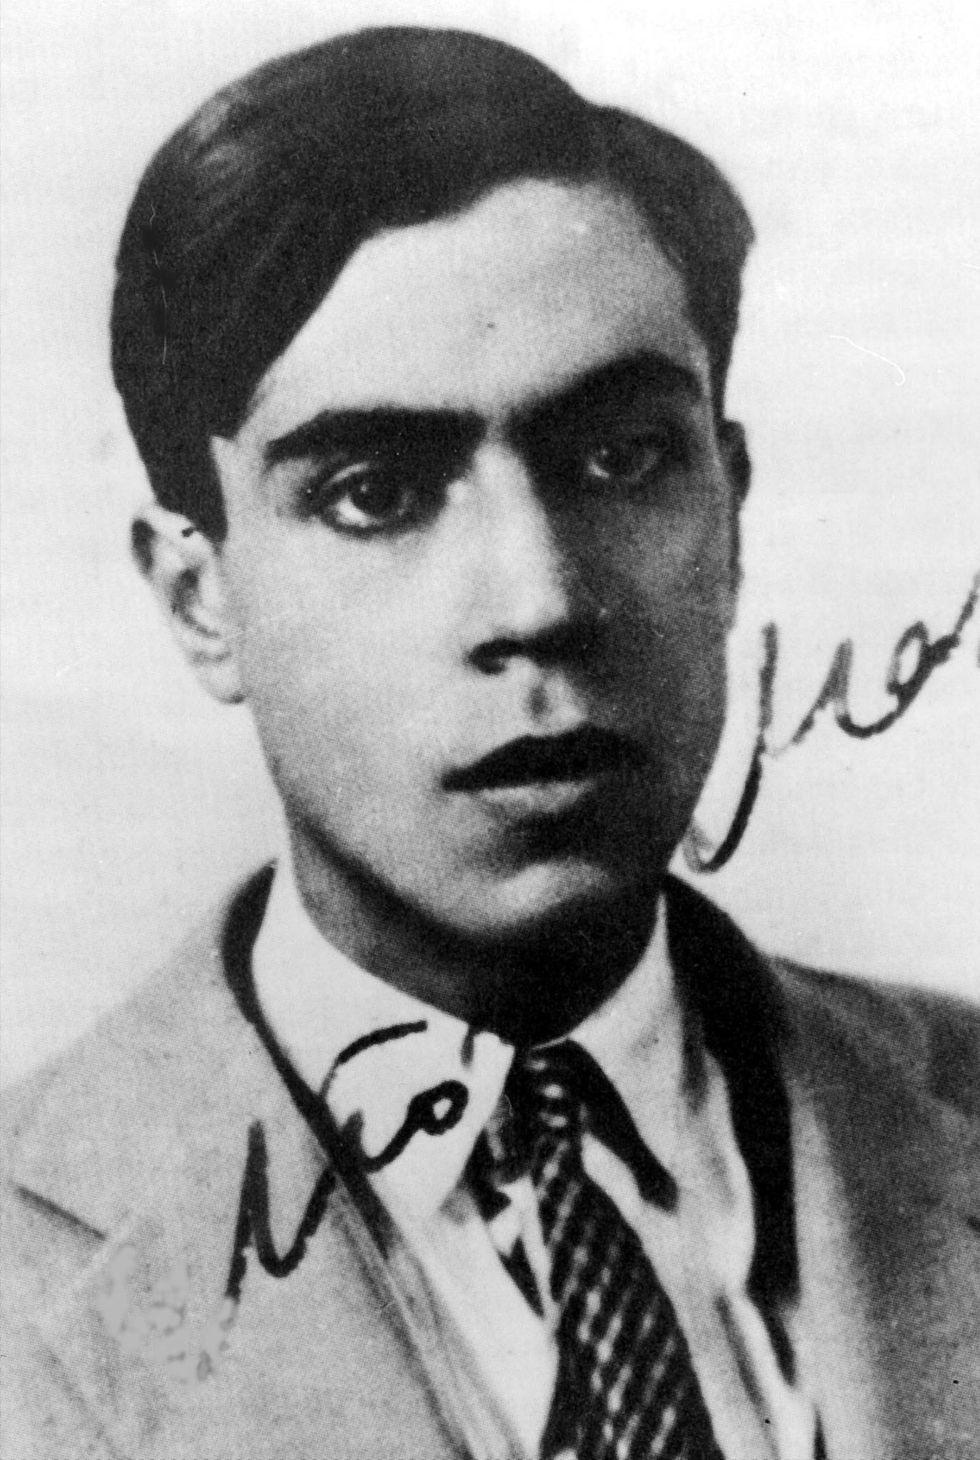 Ettore Majorana era vivo tra il '55 e il '59